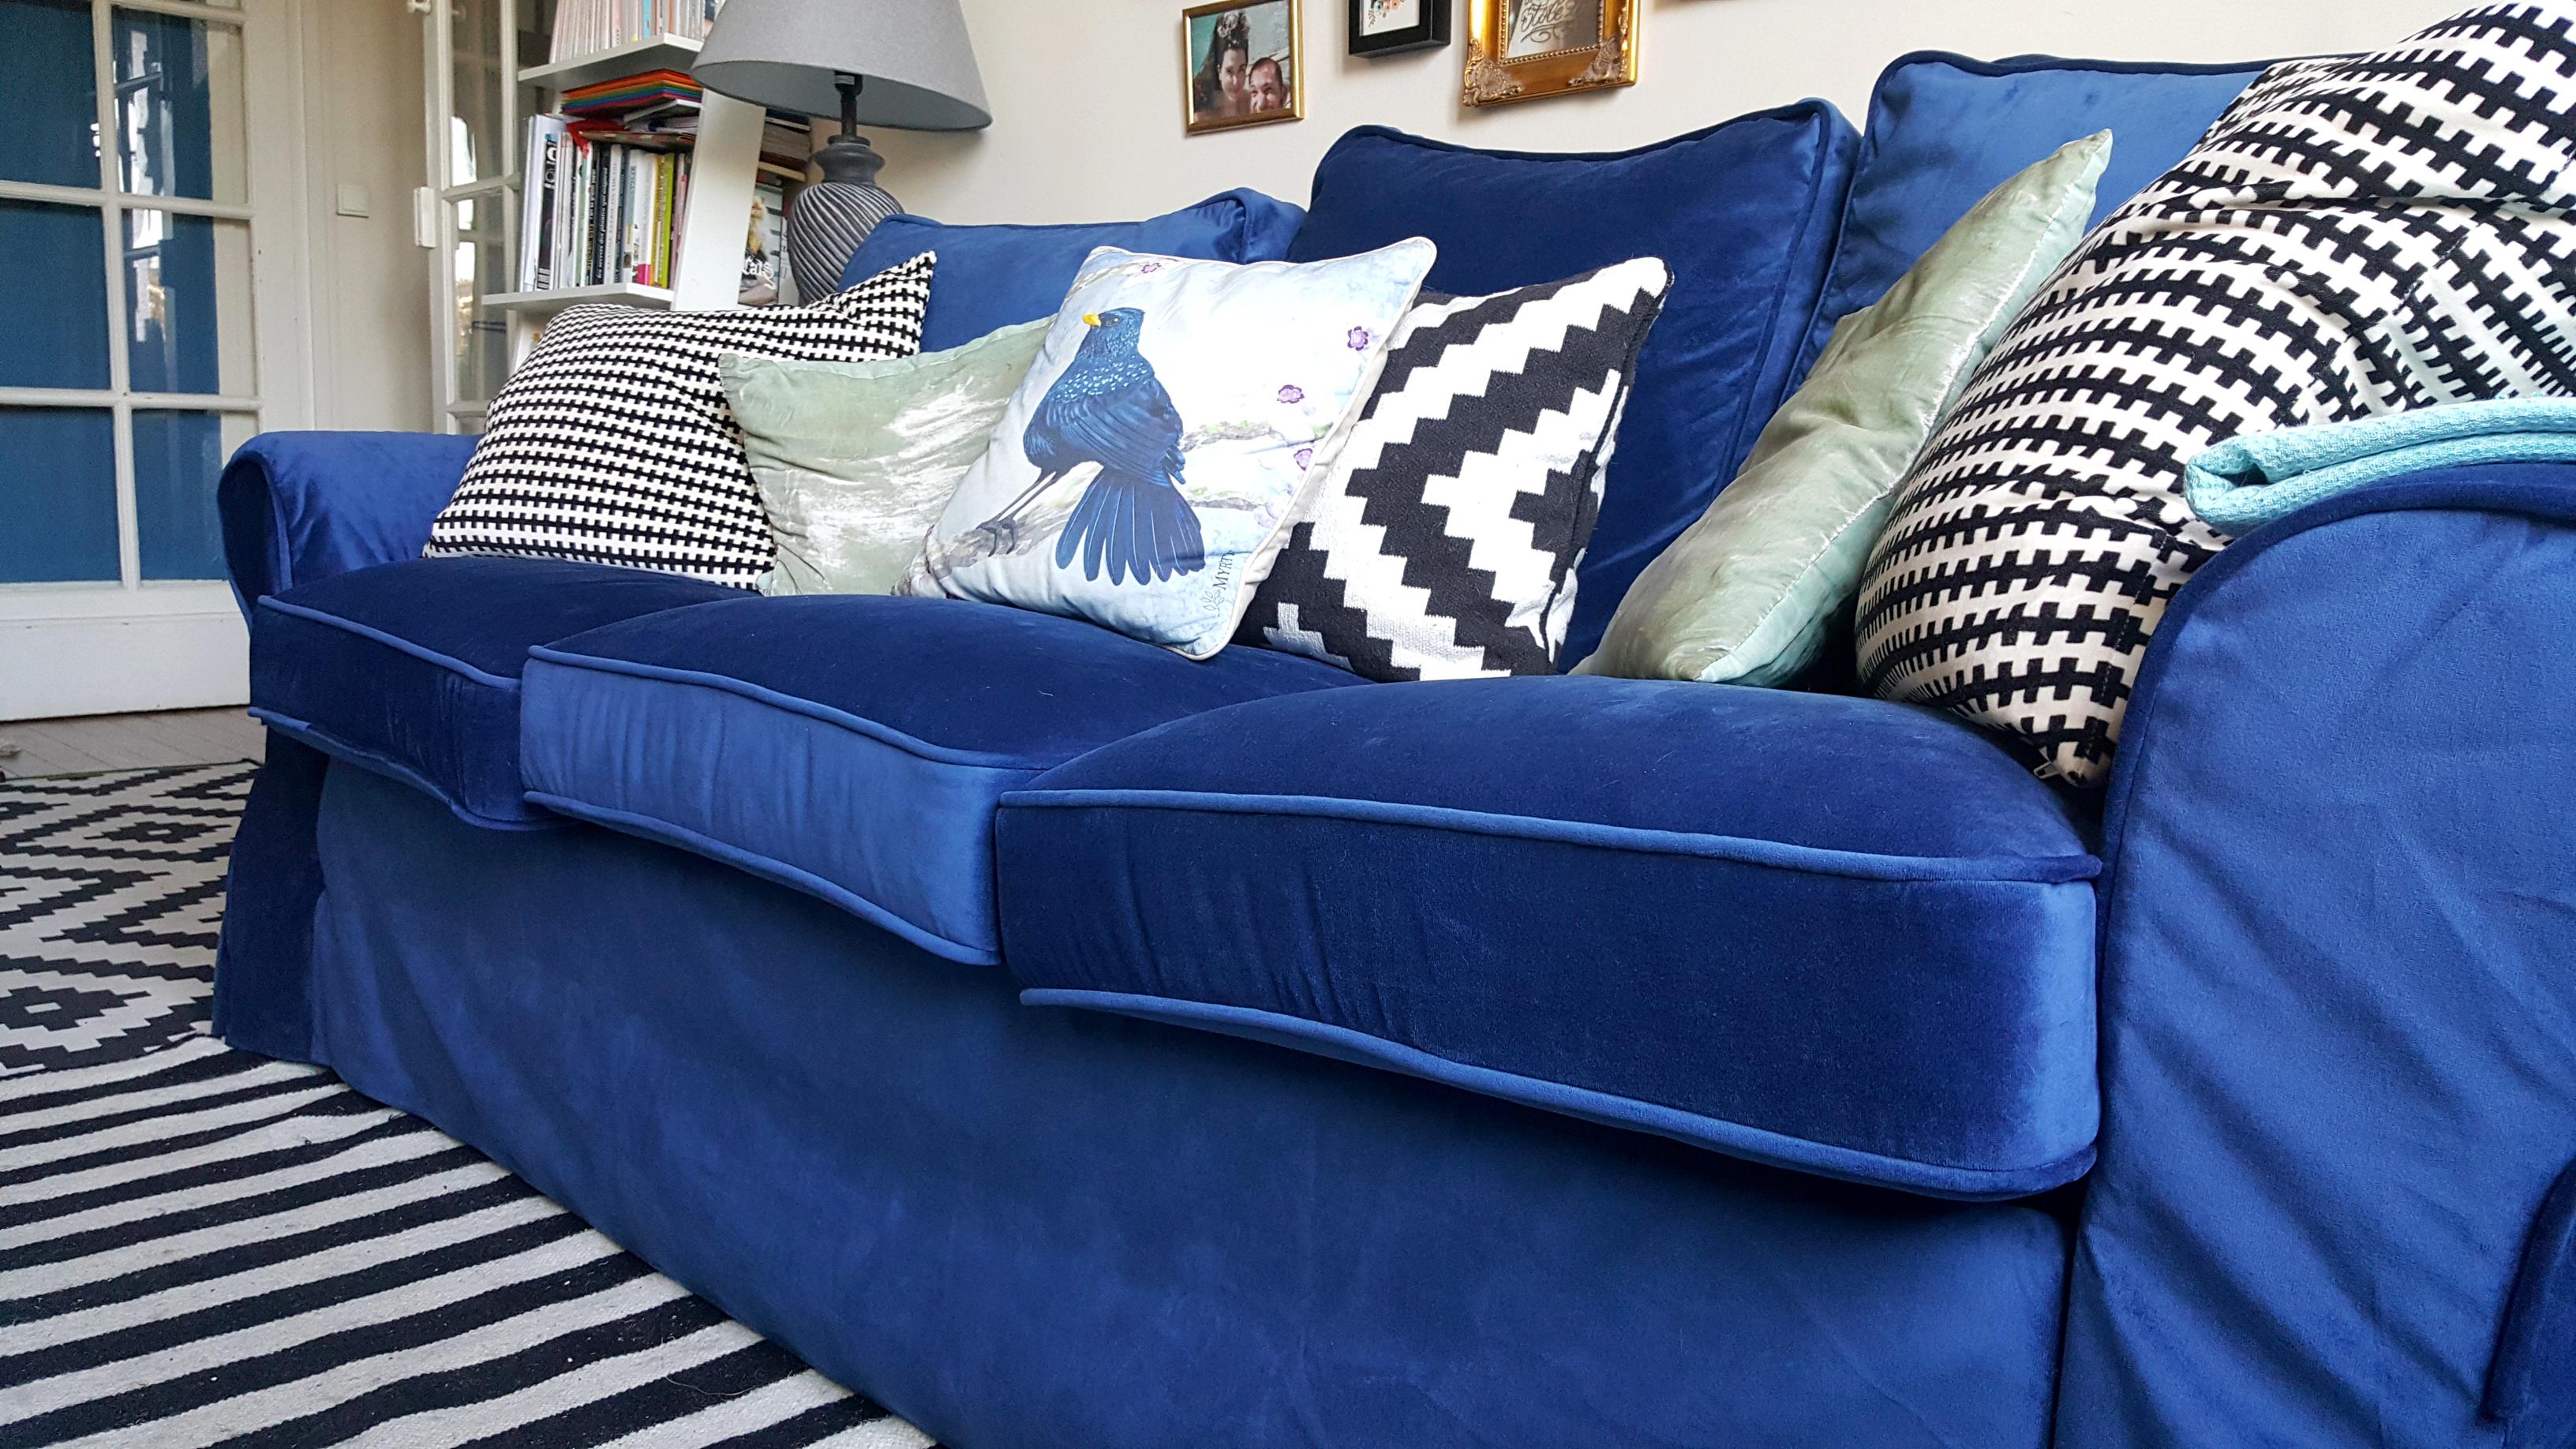 Funda sof ektorp ikea fotos de clientes y bloggers - Sofa terciopelo azul ...